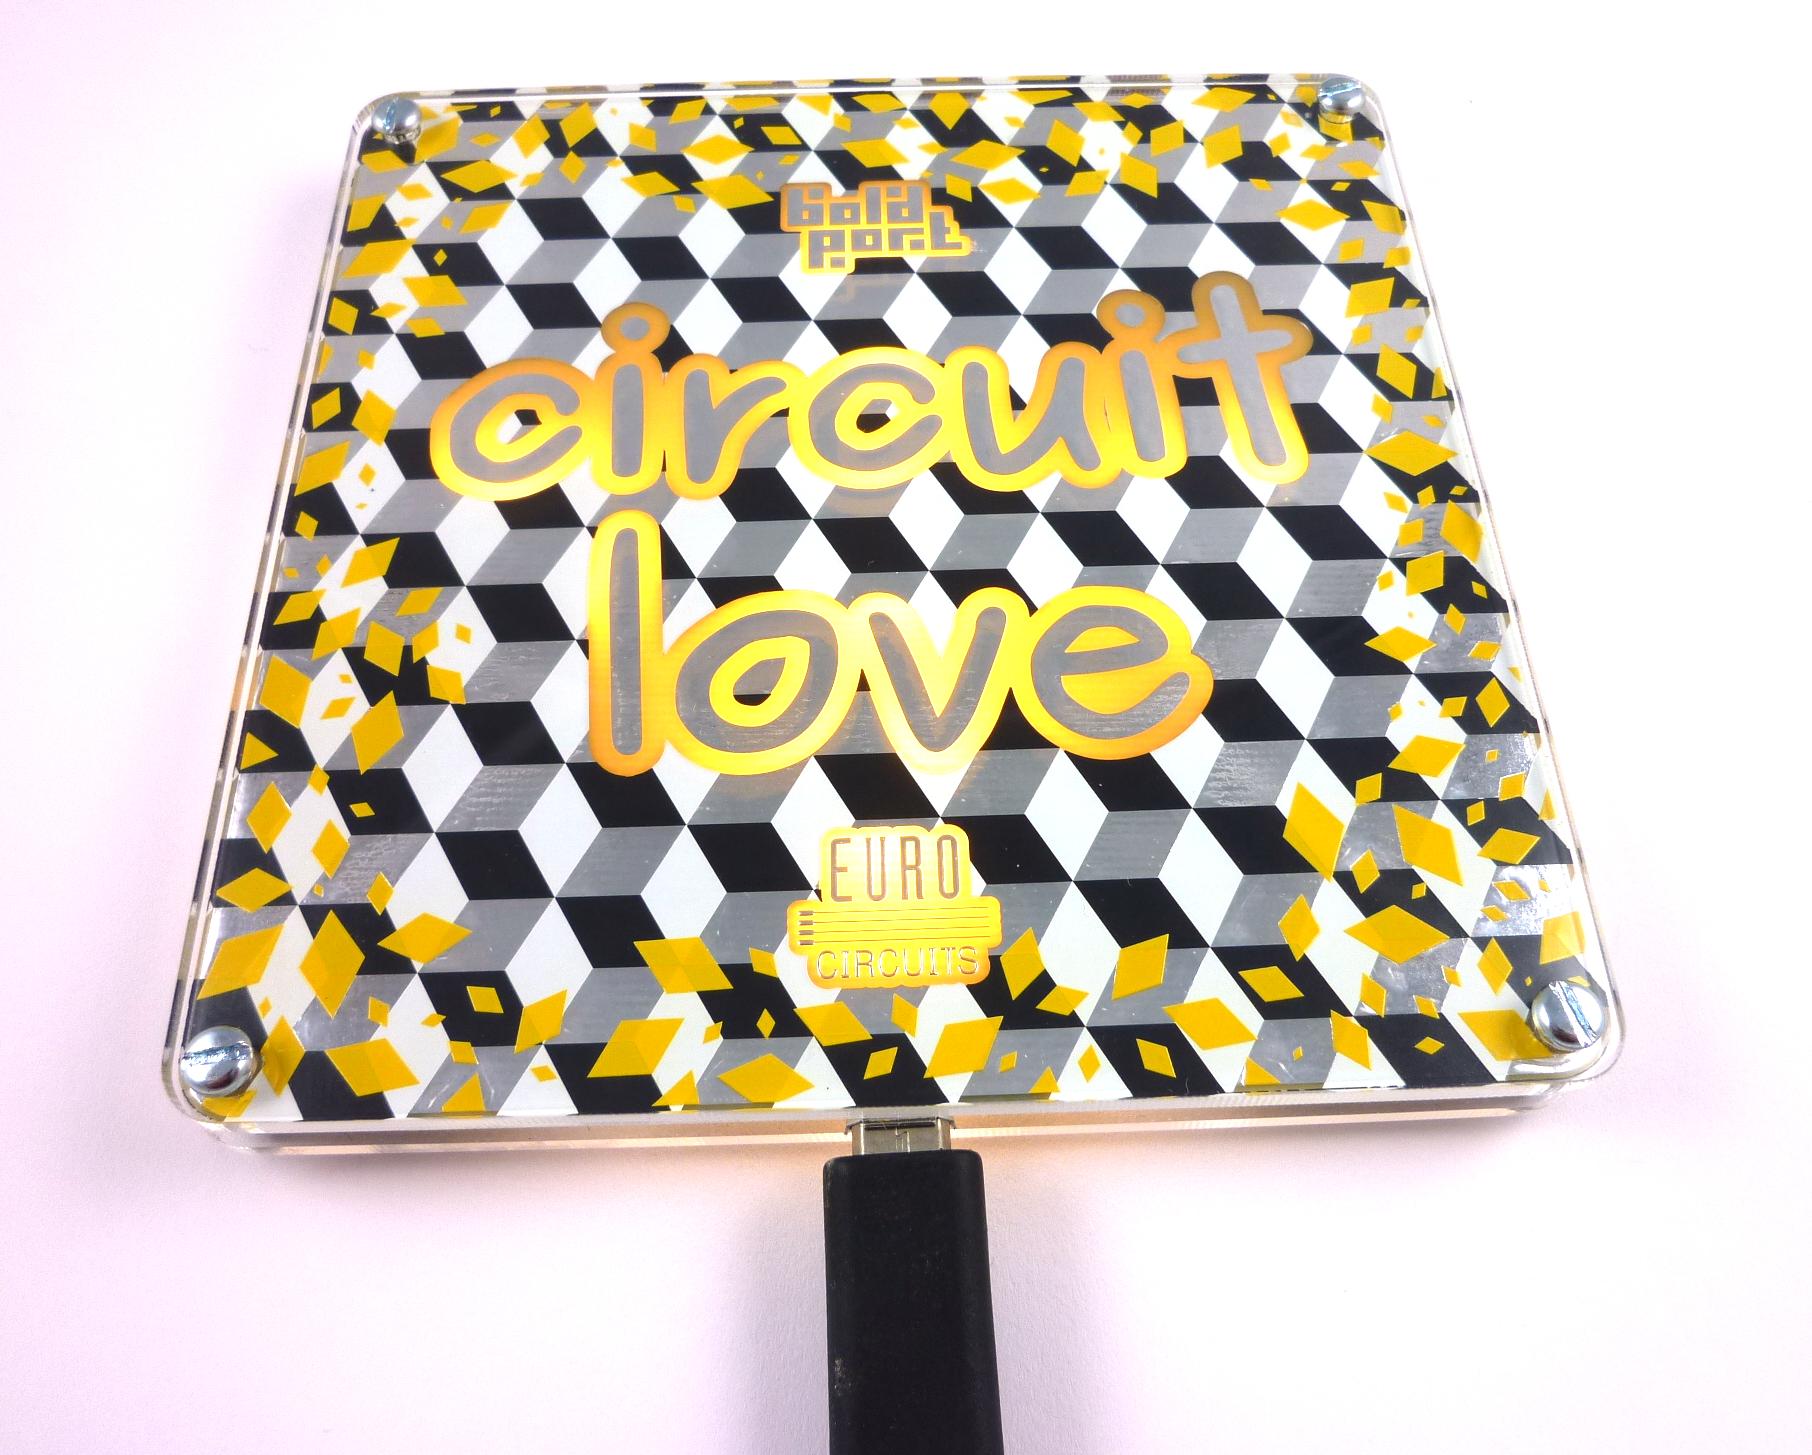 circuitlove-yellow-top-usb-lit.png